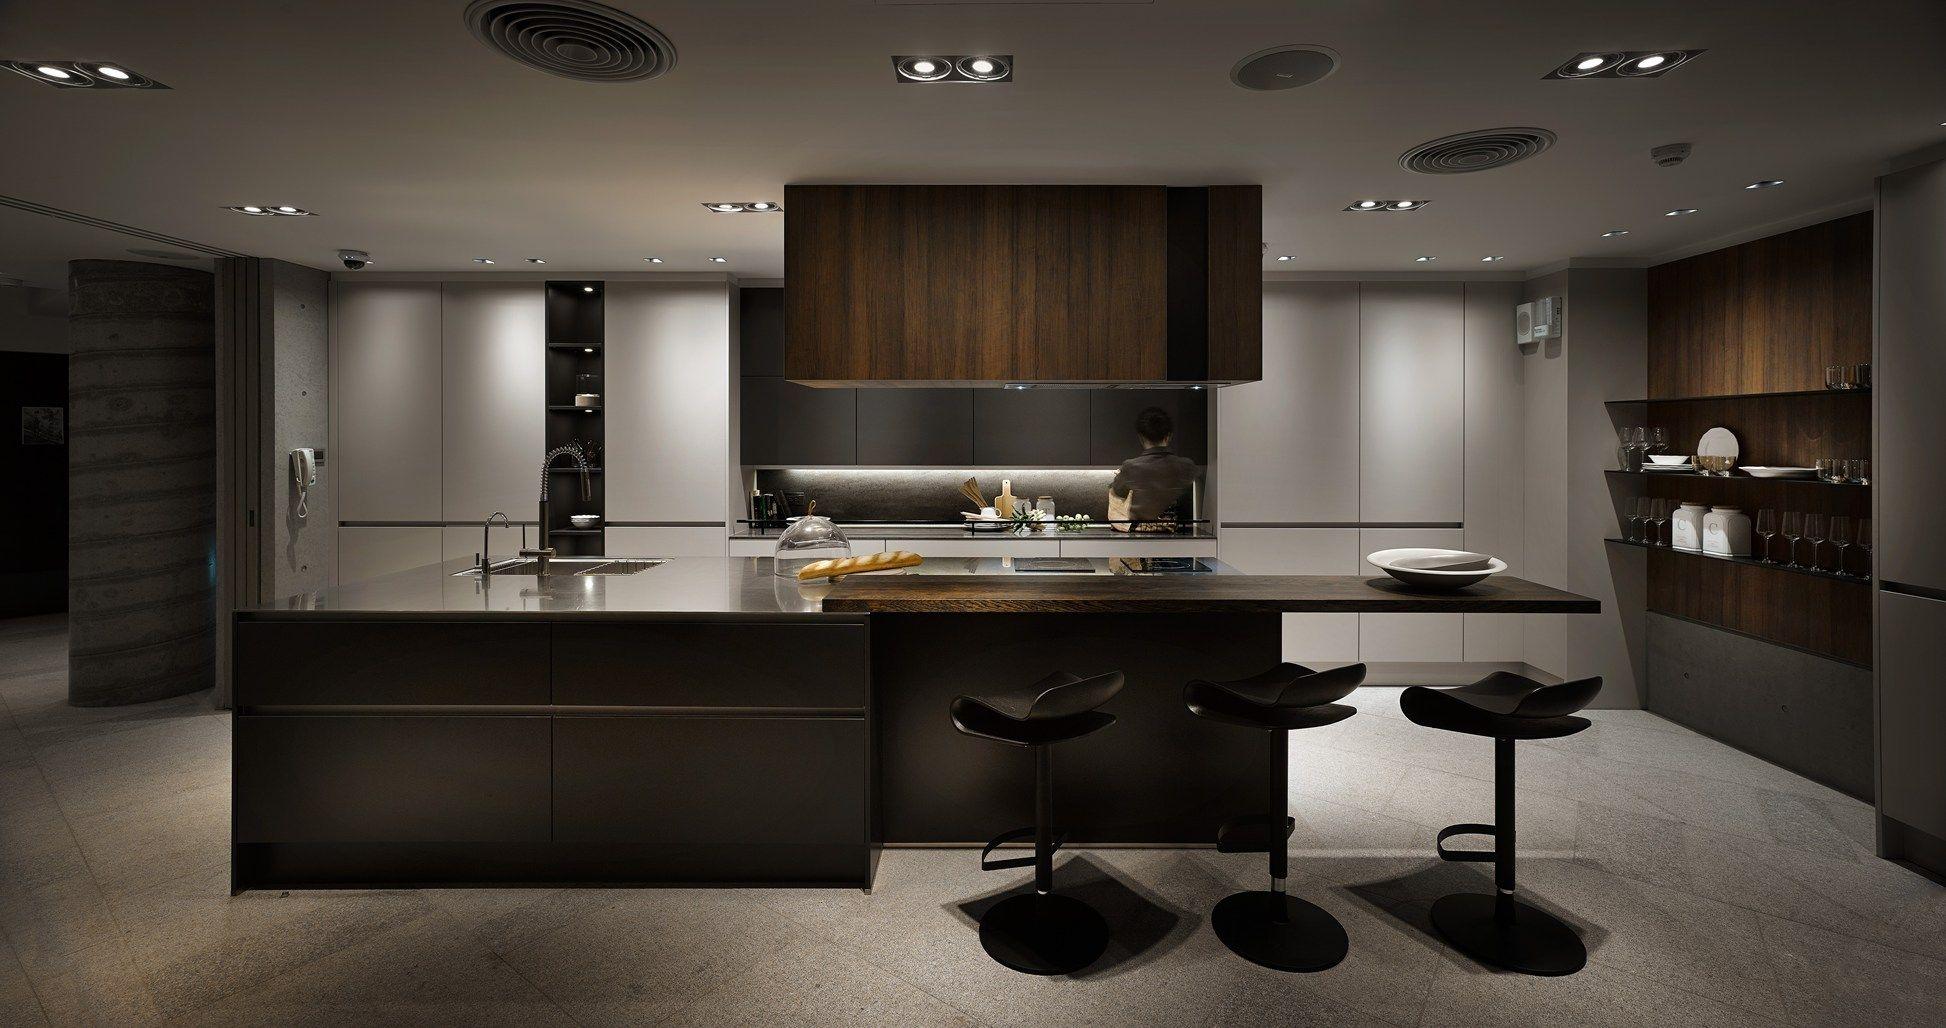 Einheit von küche und lounge